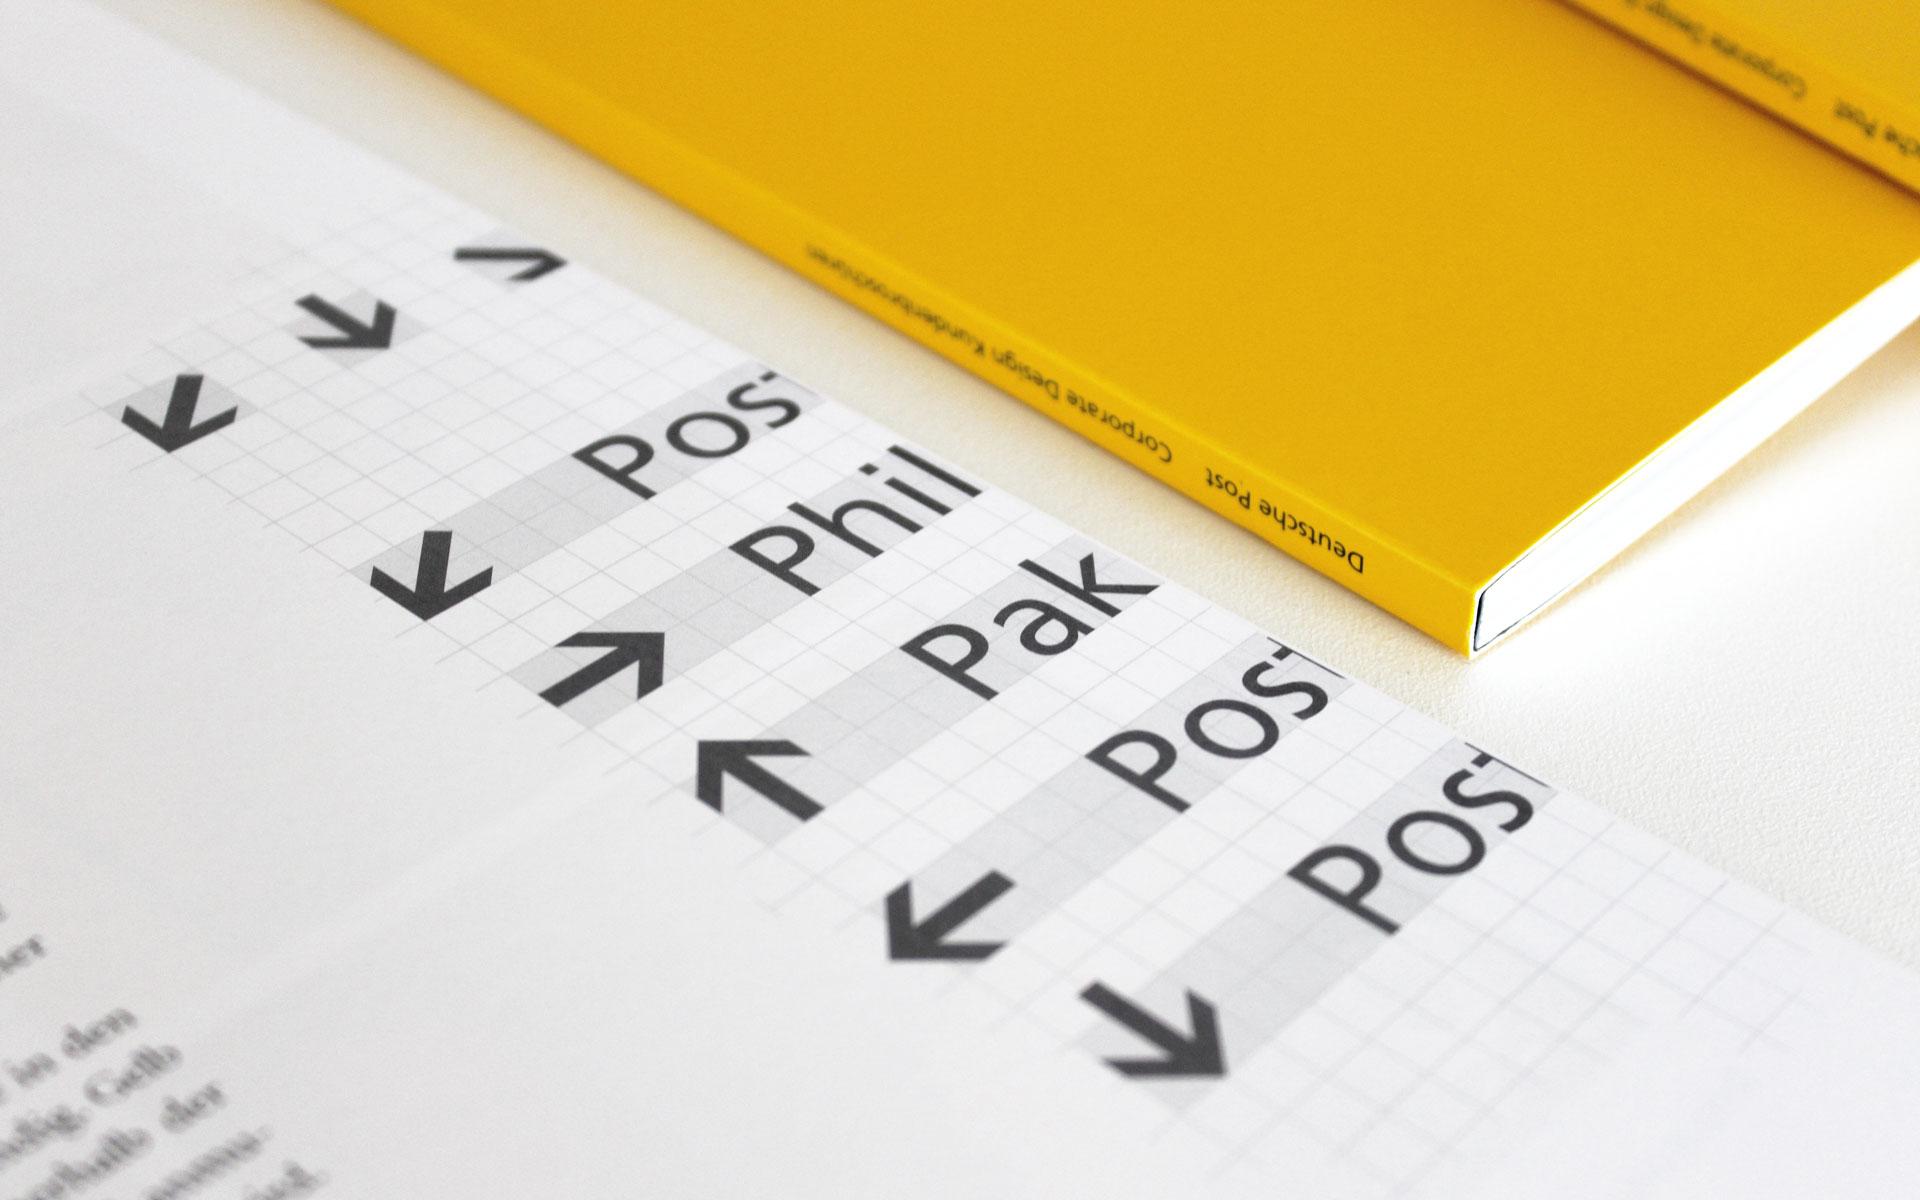 Deutsche Post AG / DHL Corporate Design, Systematik für Wegeleitsysteme